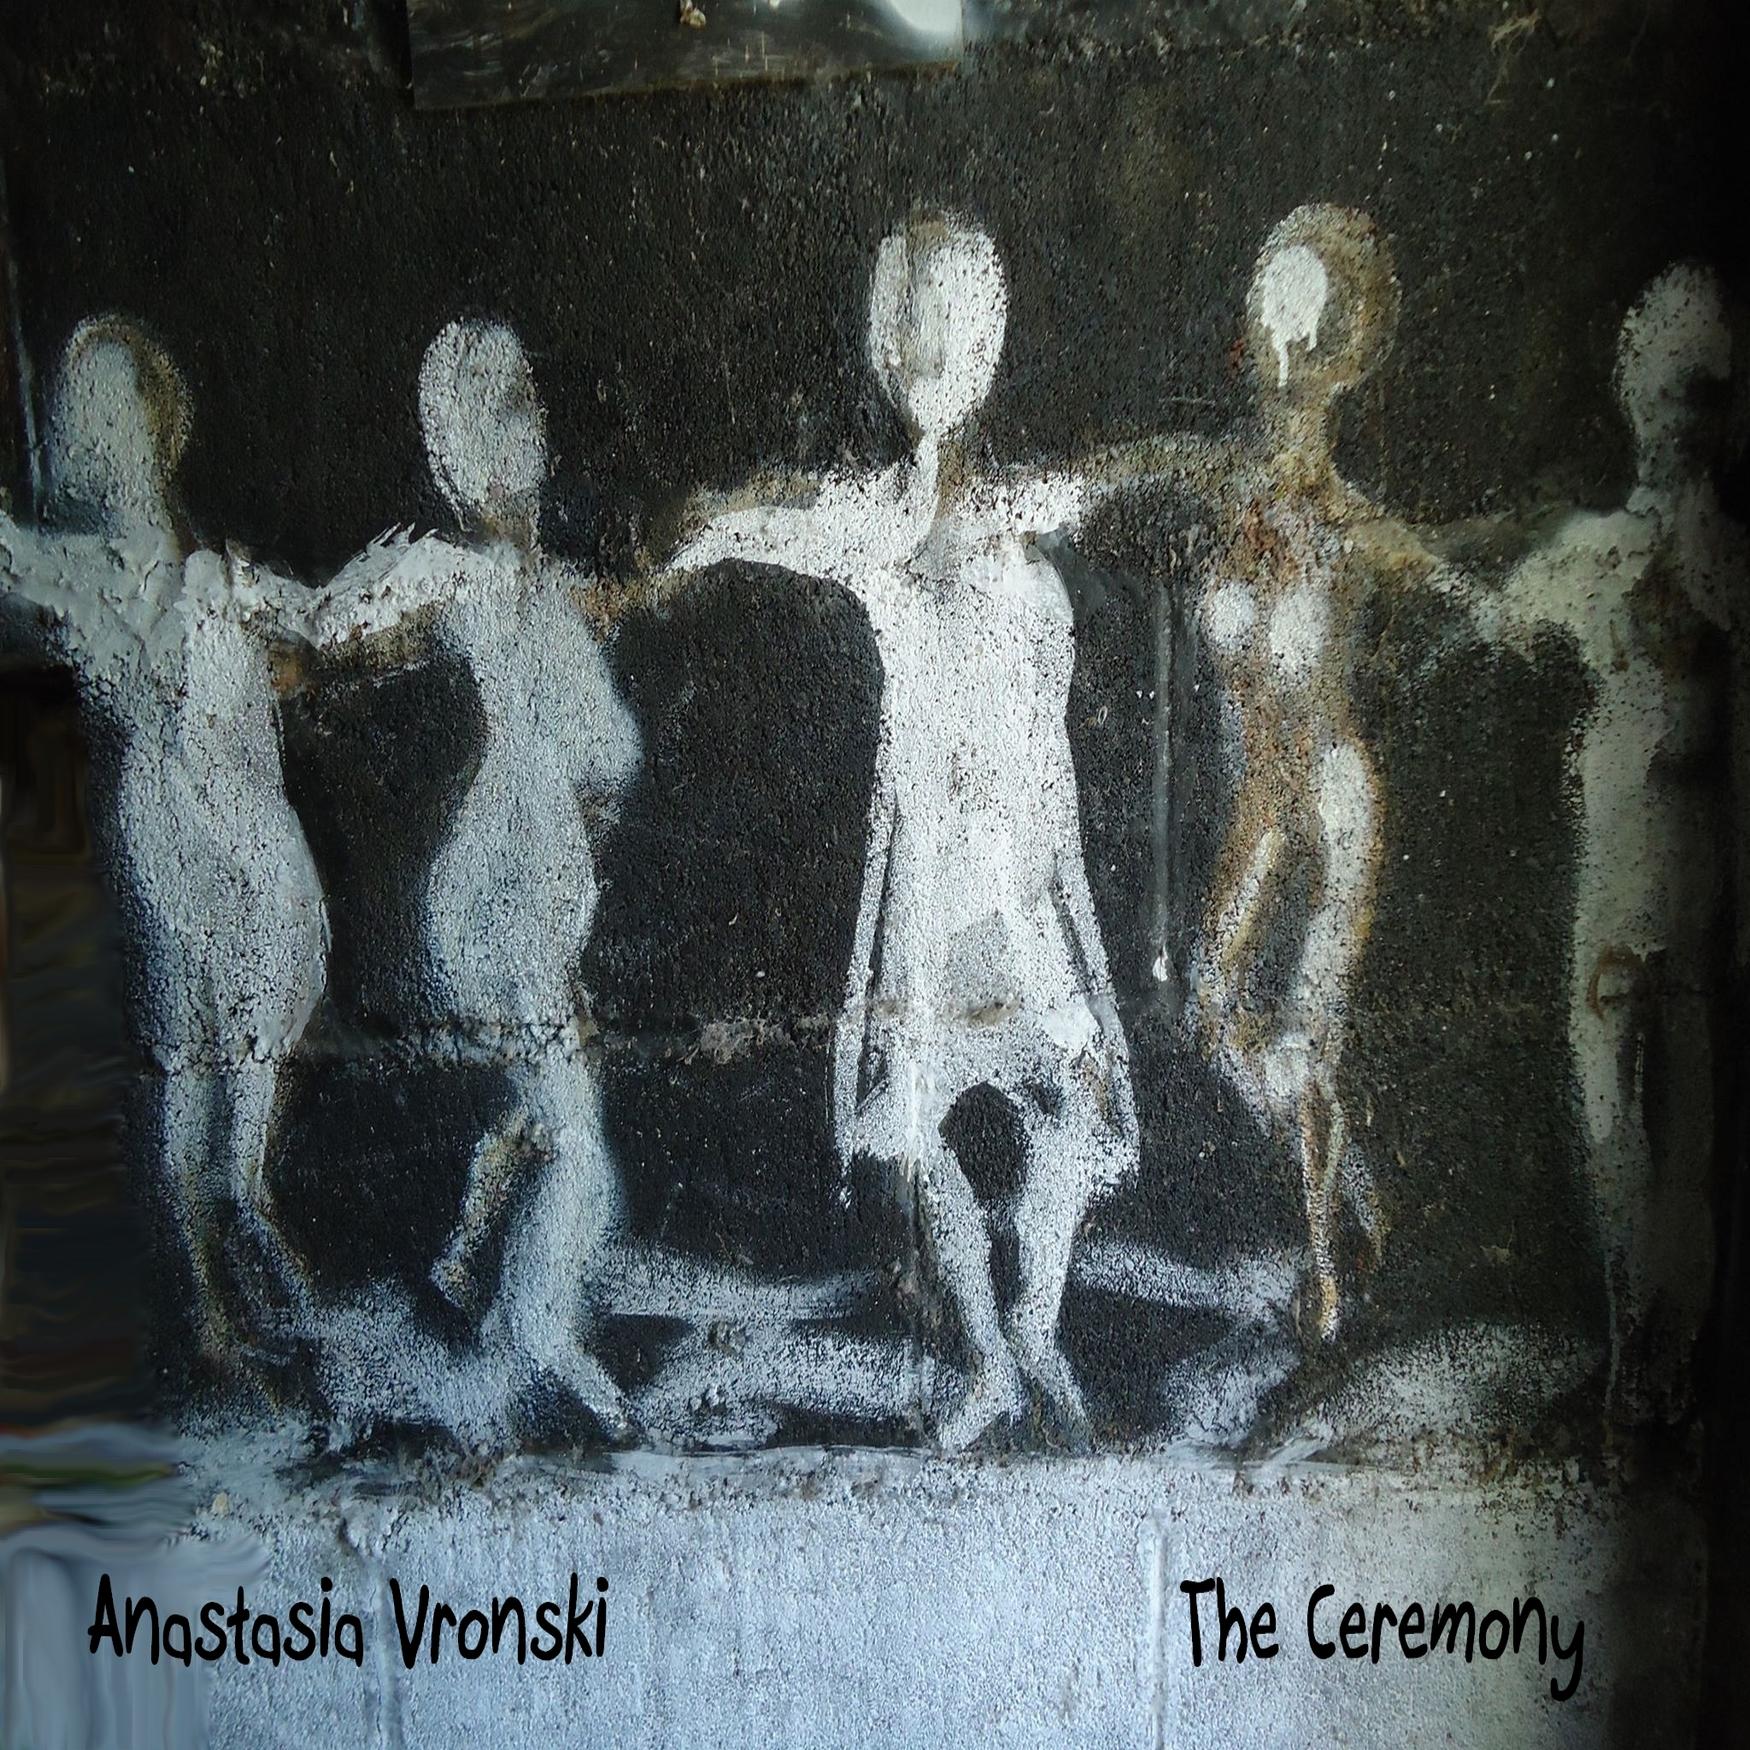 Anastasia Vronski – The Ceremony